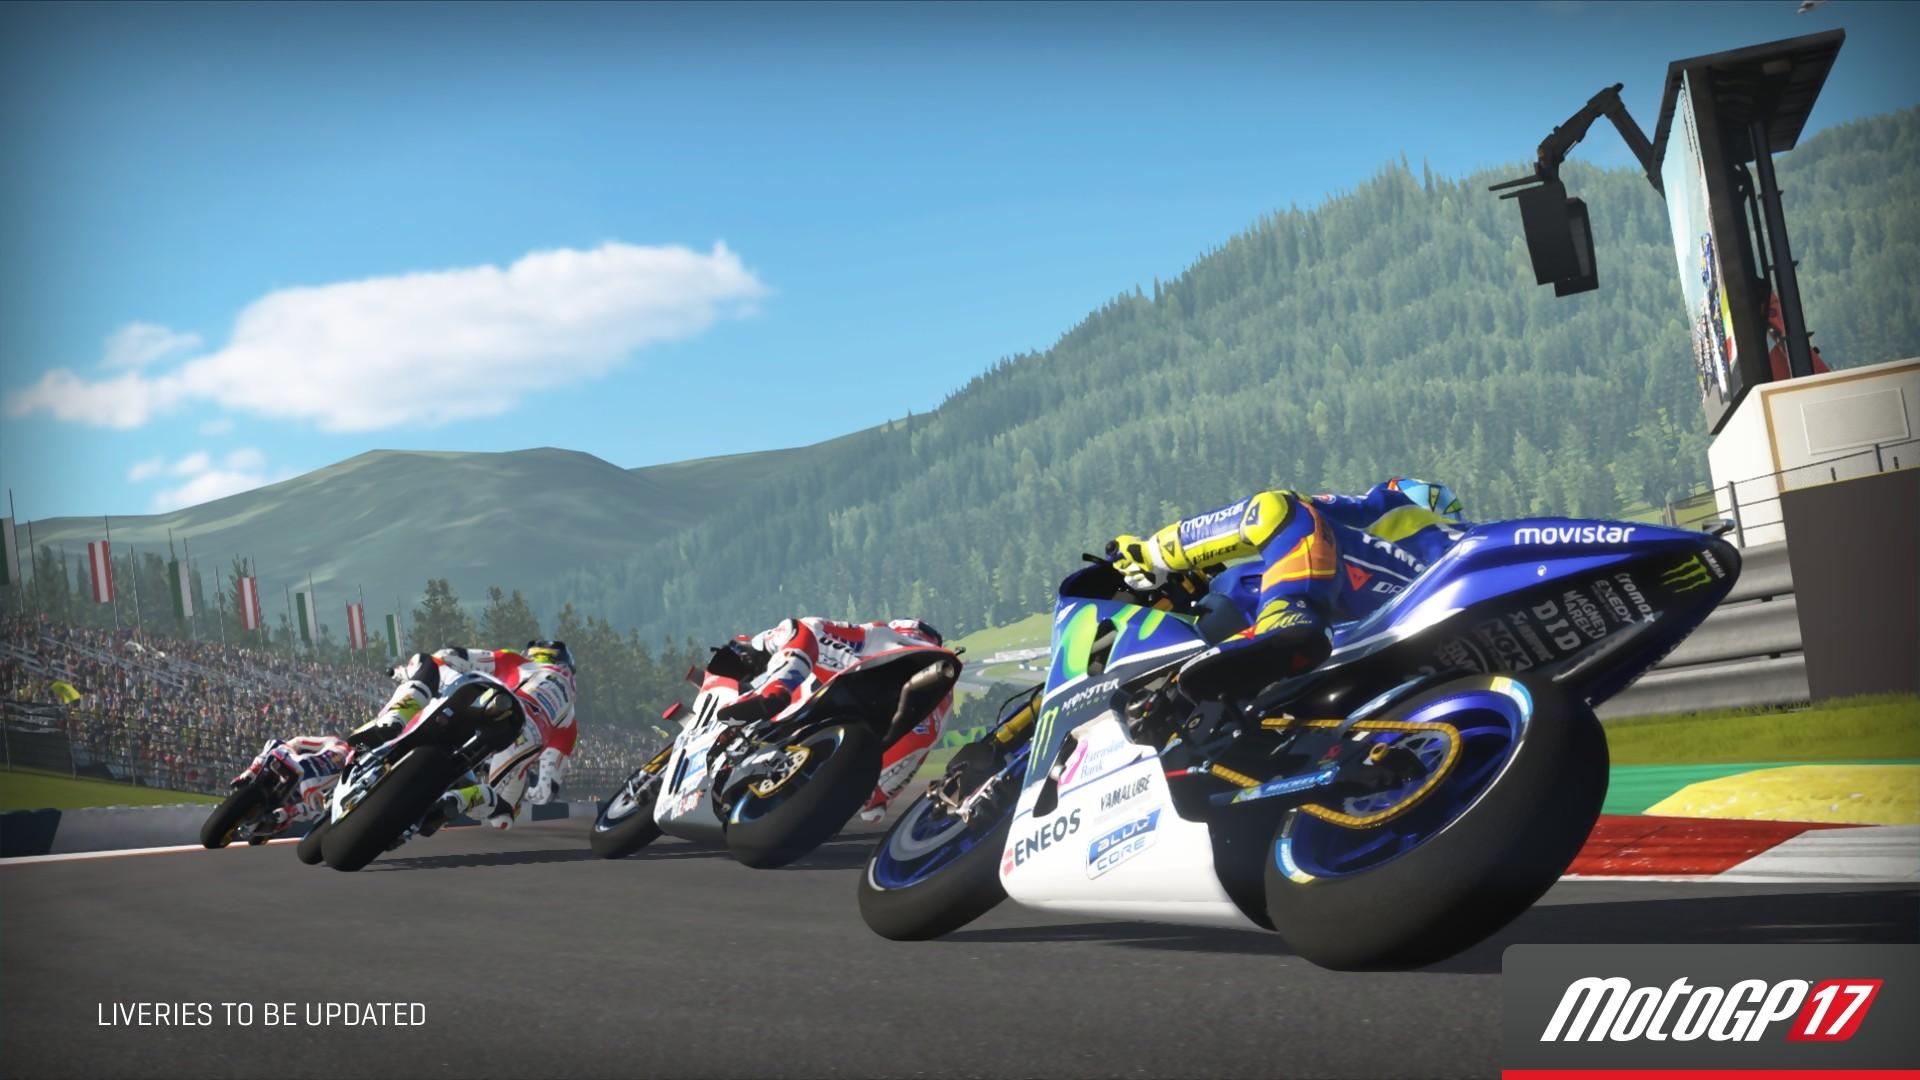 MotoGP 17 : trailer avec Valentino Rossi et Marc Marquez